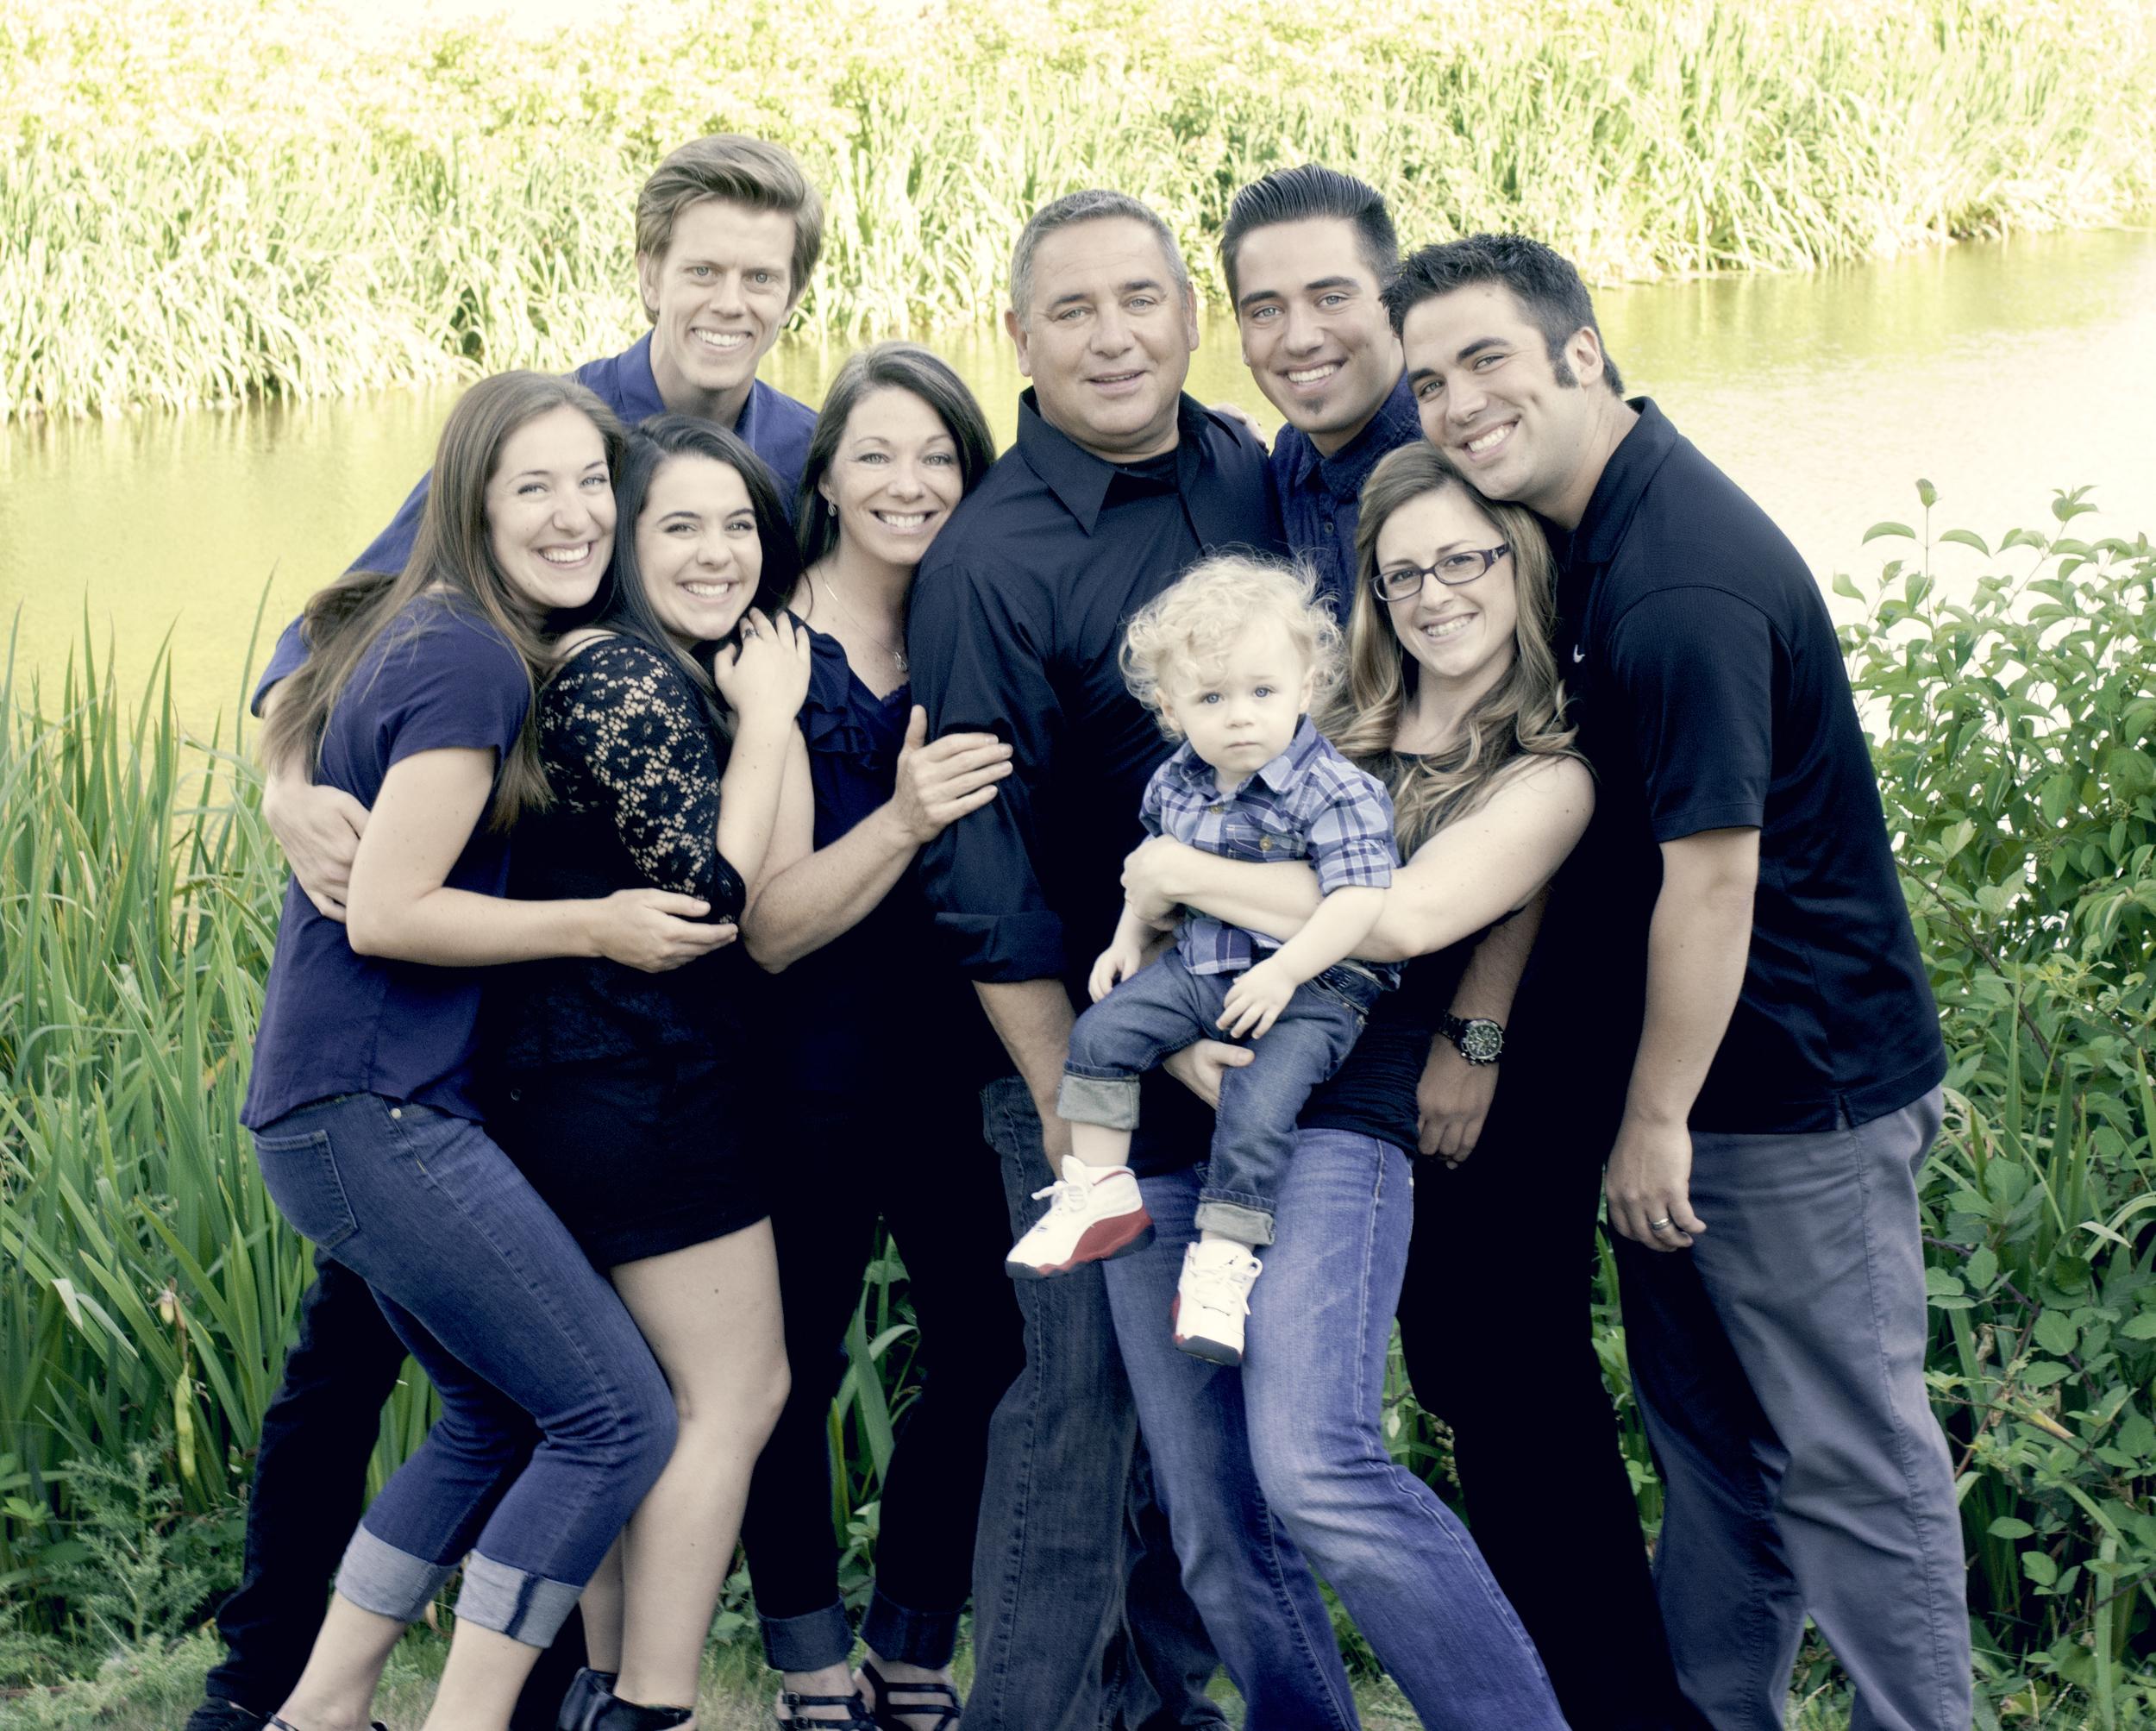 Ray Family Photos-whole group full.jpg